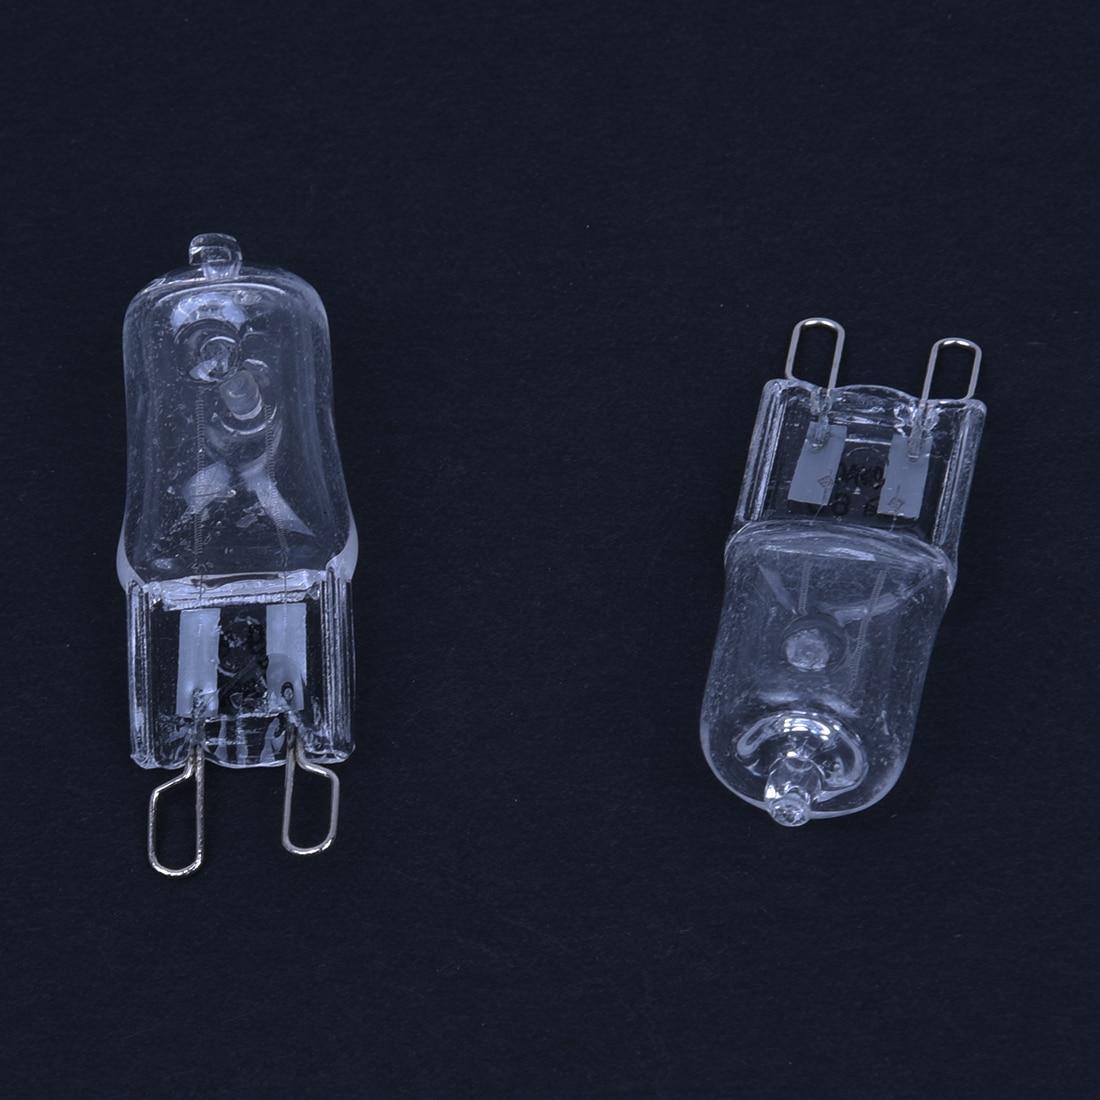 CNIM Горячая 10 X галогенная лампа G9 230V 40W теплый белый для дома